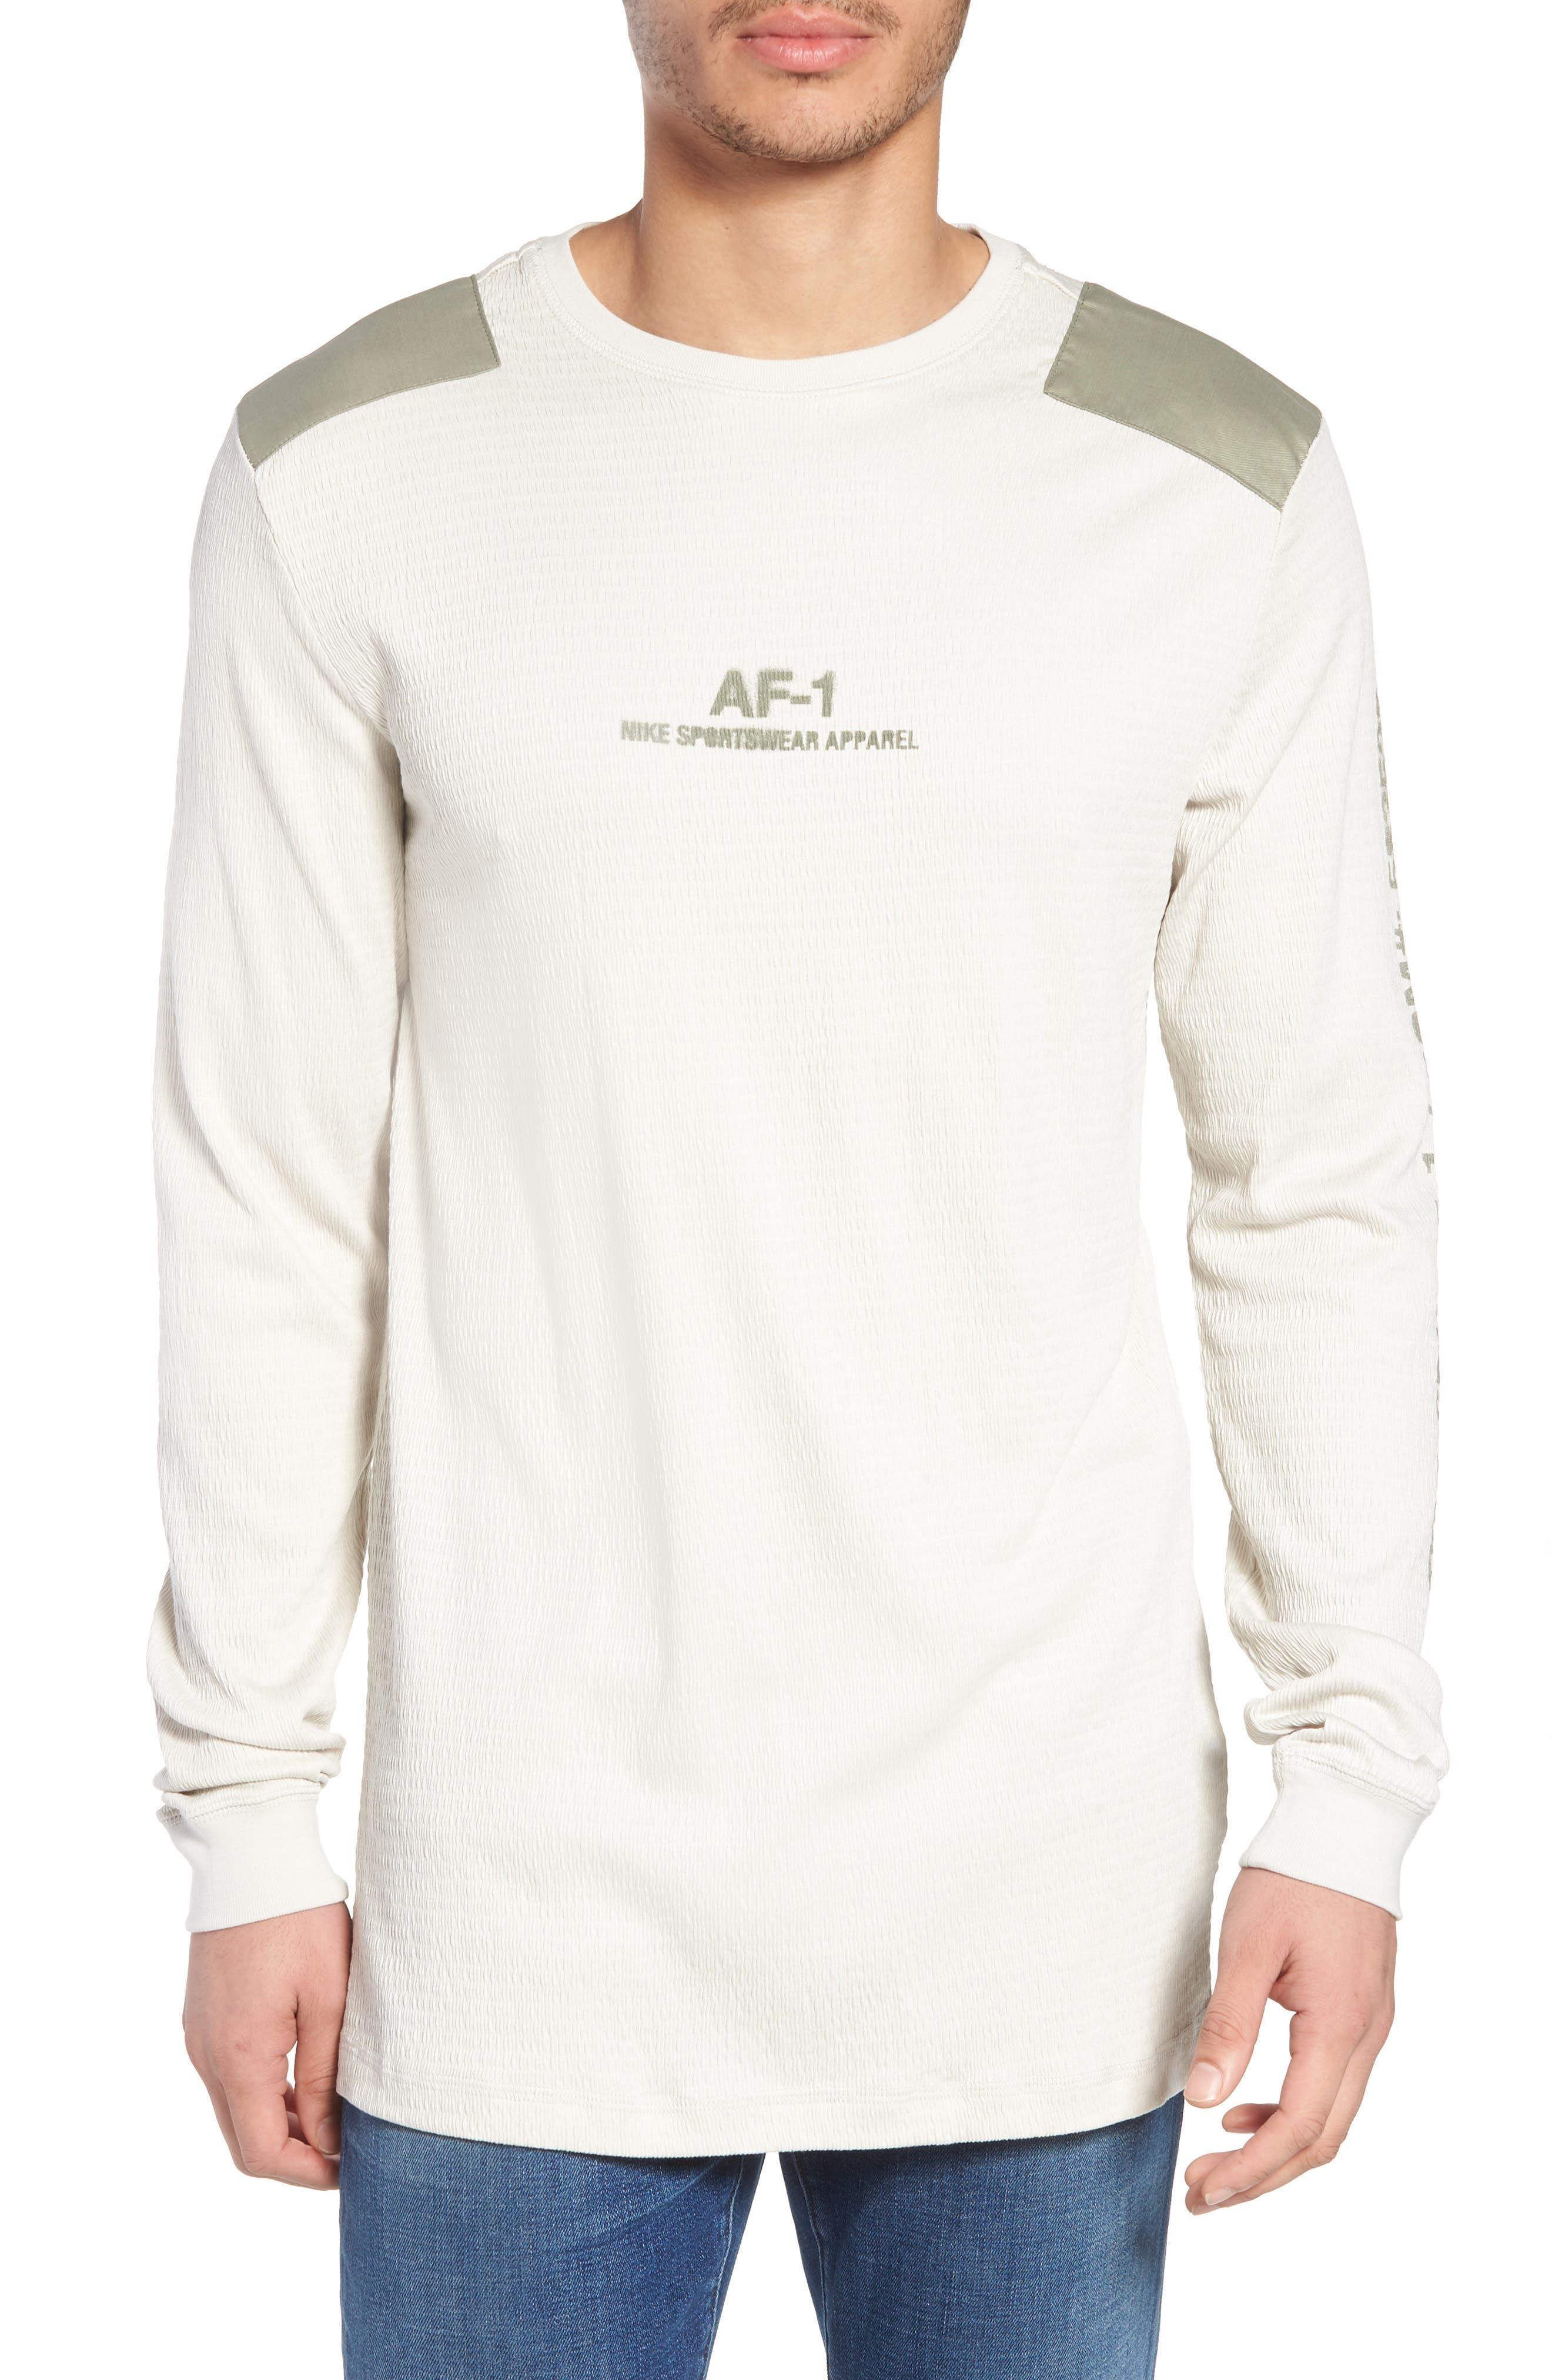 Sportswear AF-1 Long Sleeve Shirt,                         Main,                         color, Light Bone/ Stucco/ Stucco